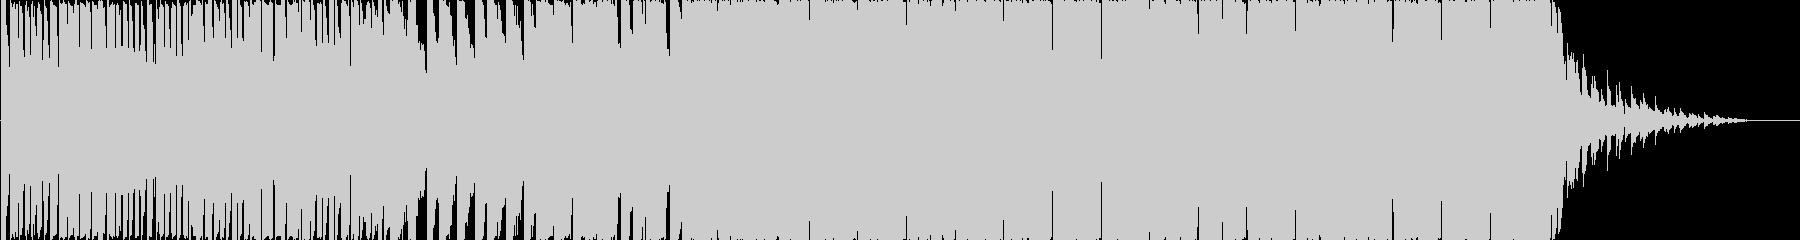 激しく勢いのある原宿系ダンス音楽/BGMの未再生の波形